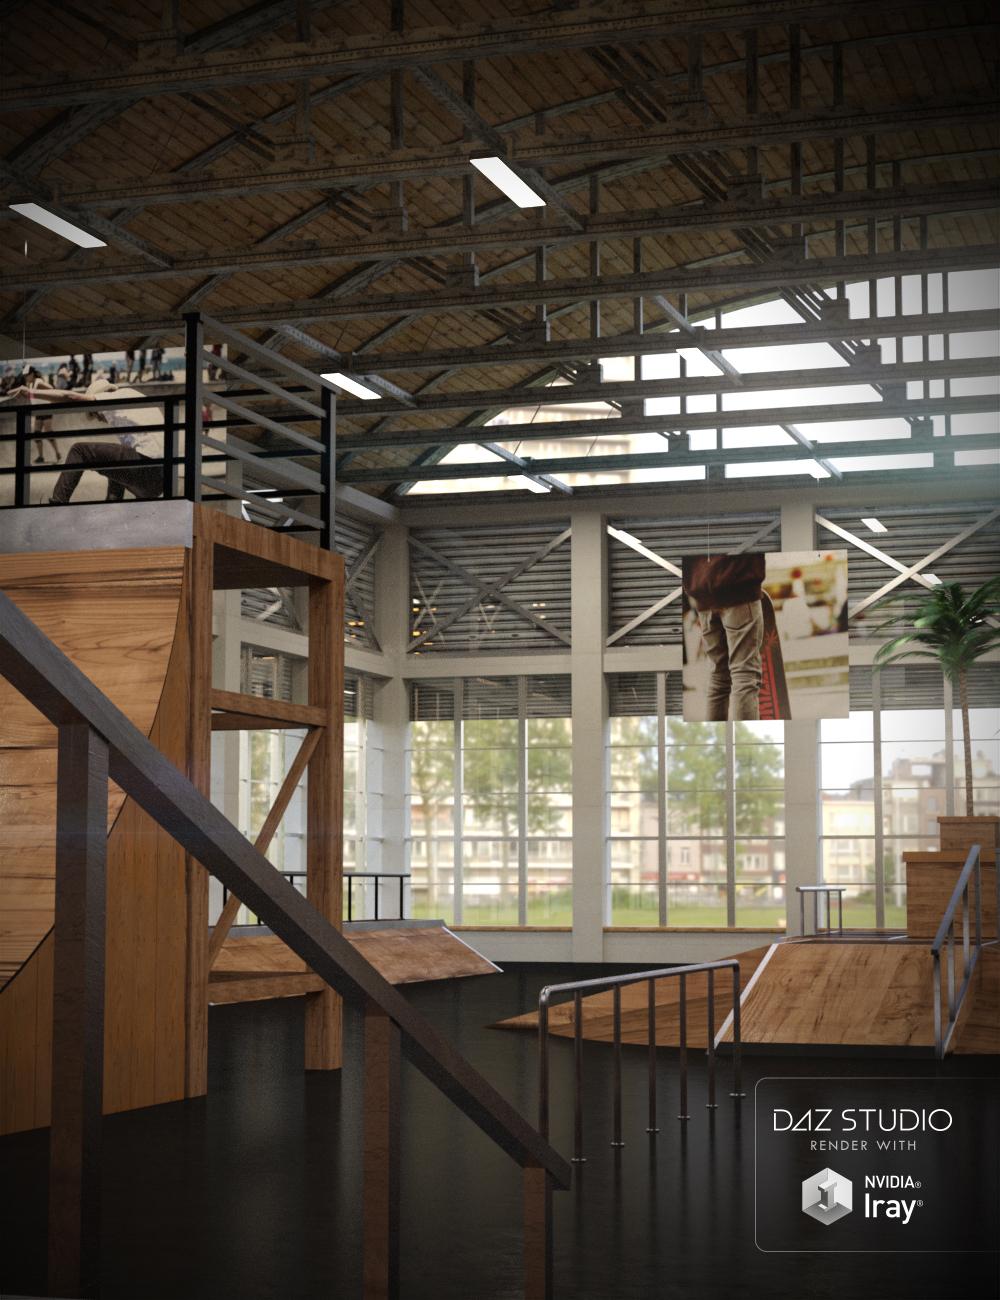 Indoor Skate Park by: KindredArts, 3D Models by Daz 3D